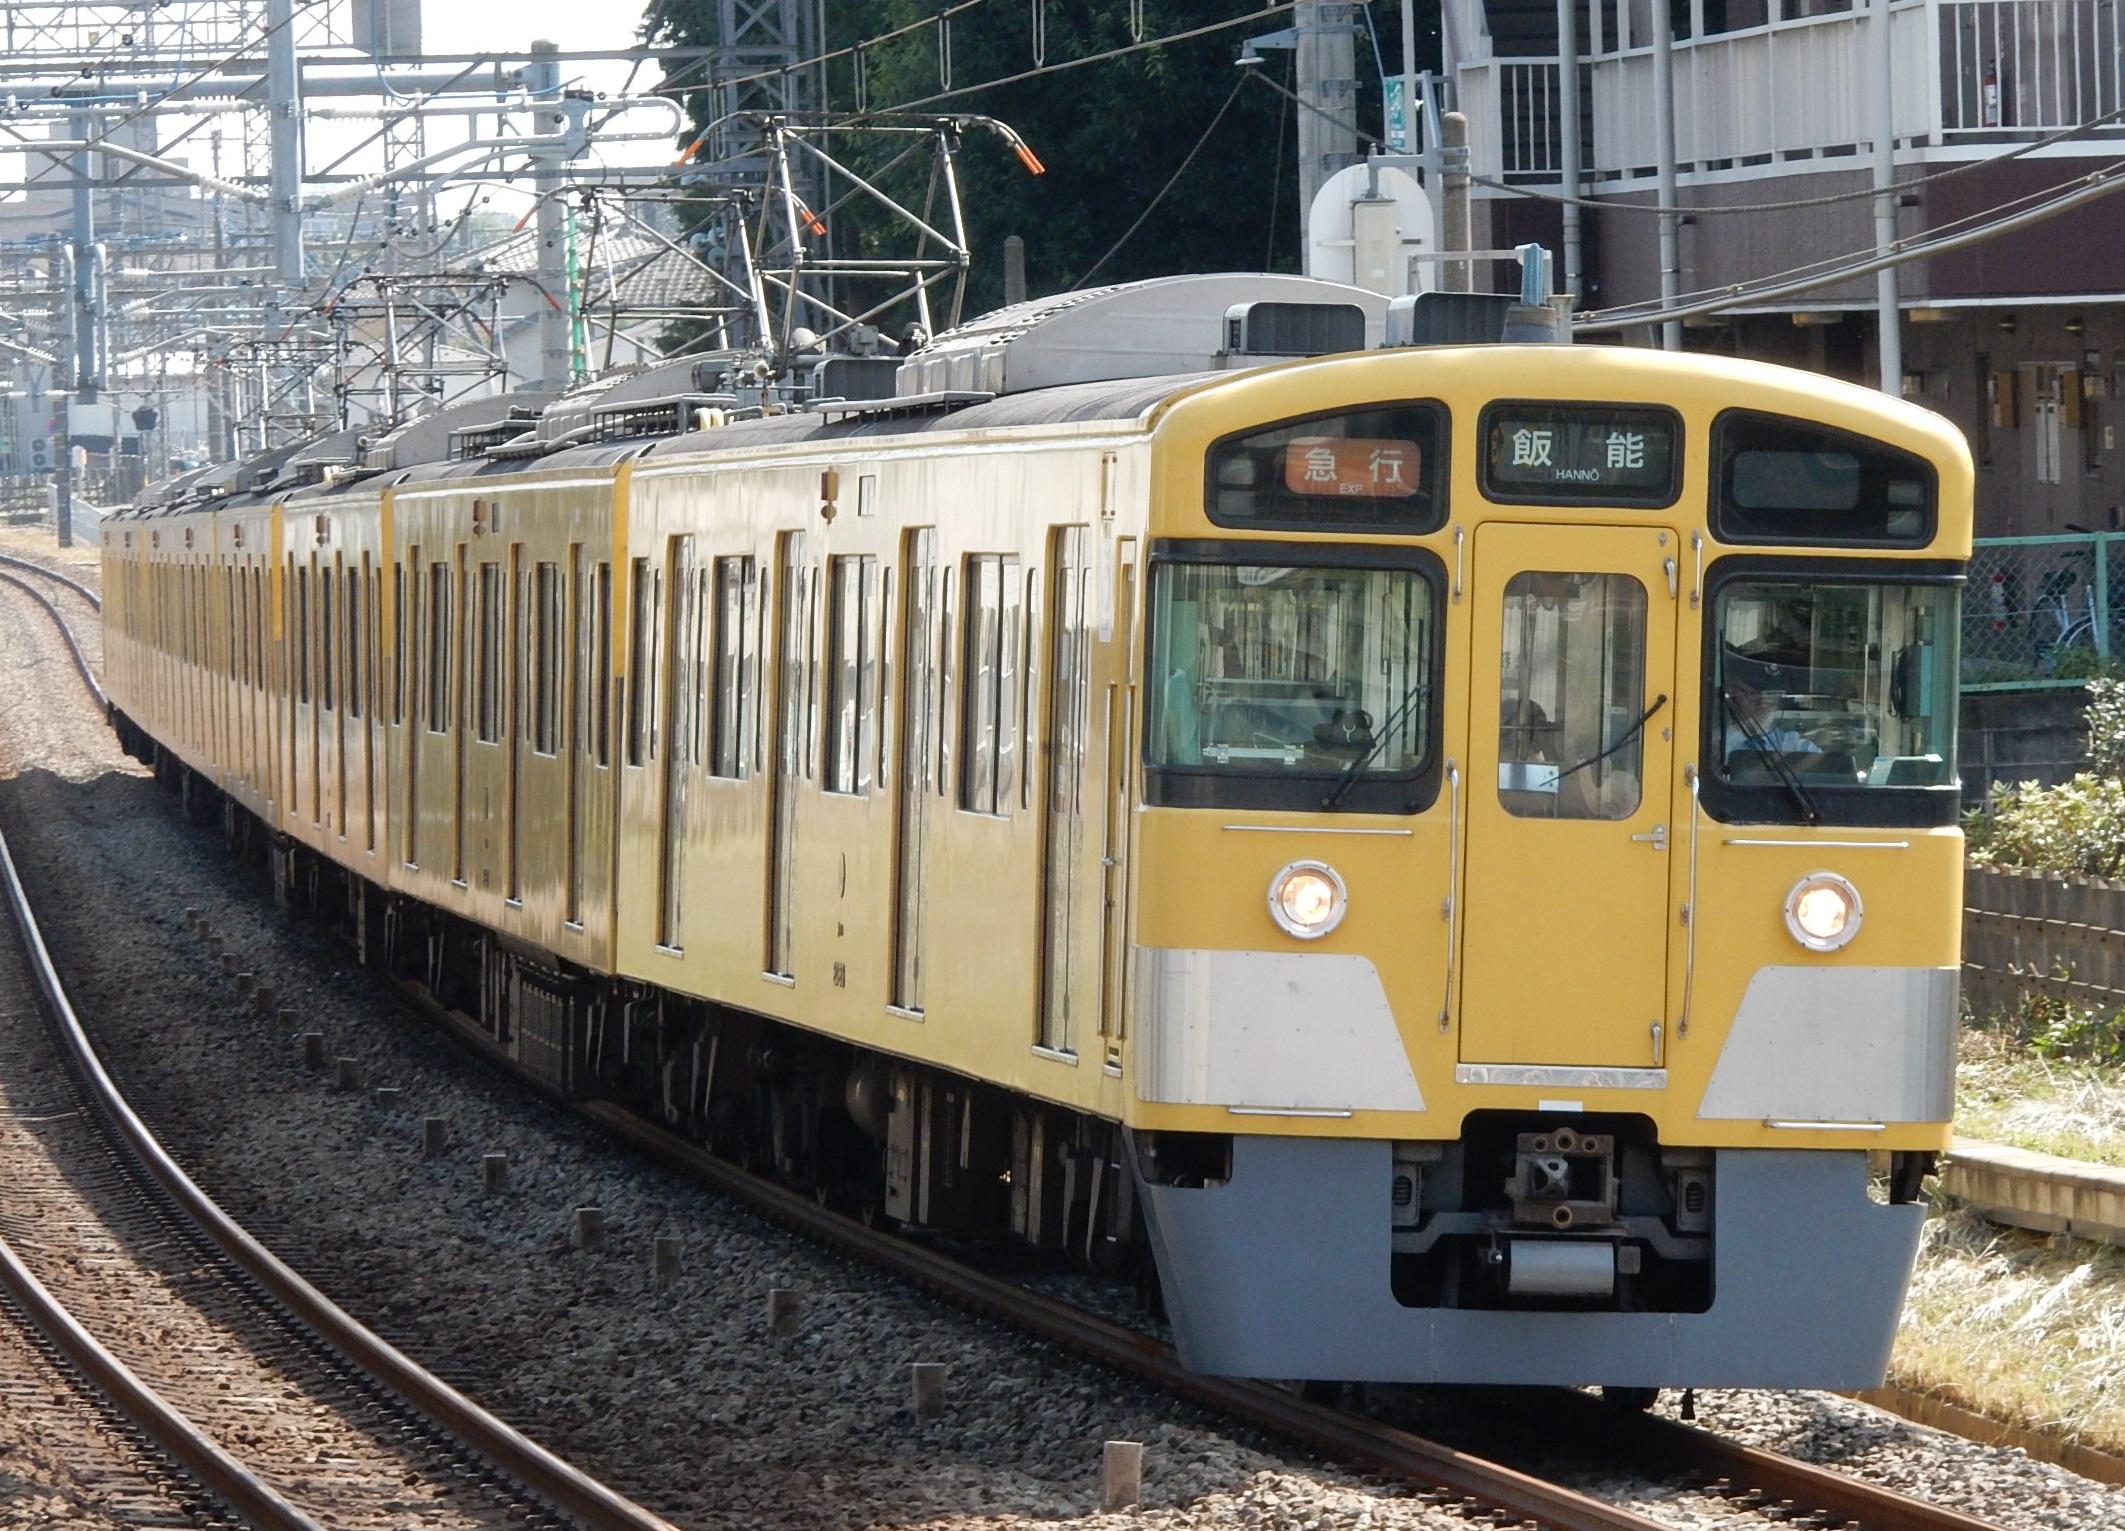 DSCN9955.jpg